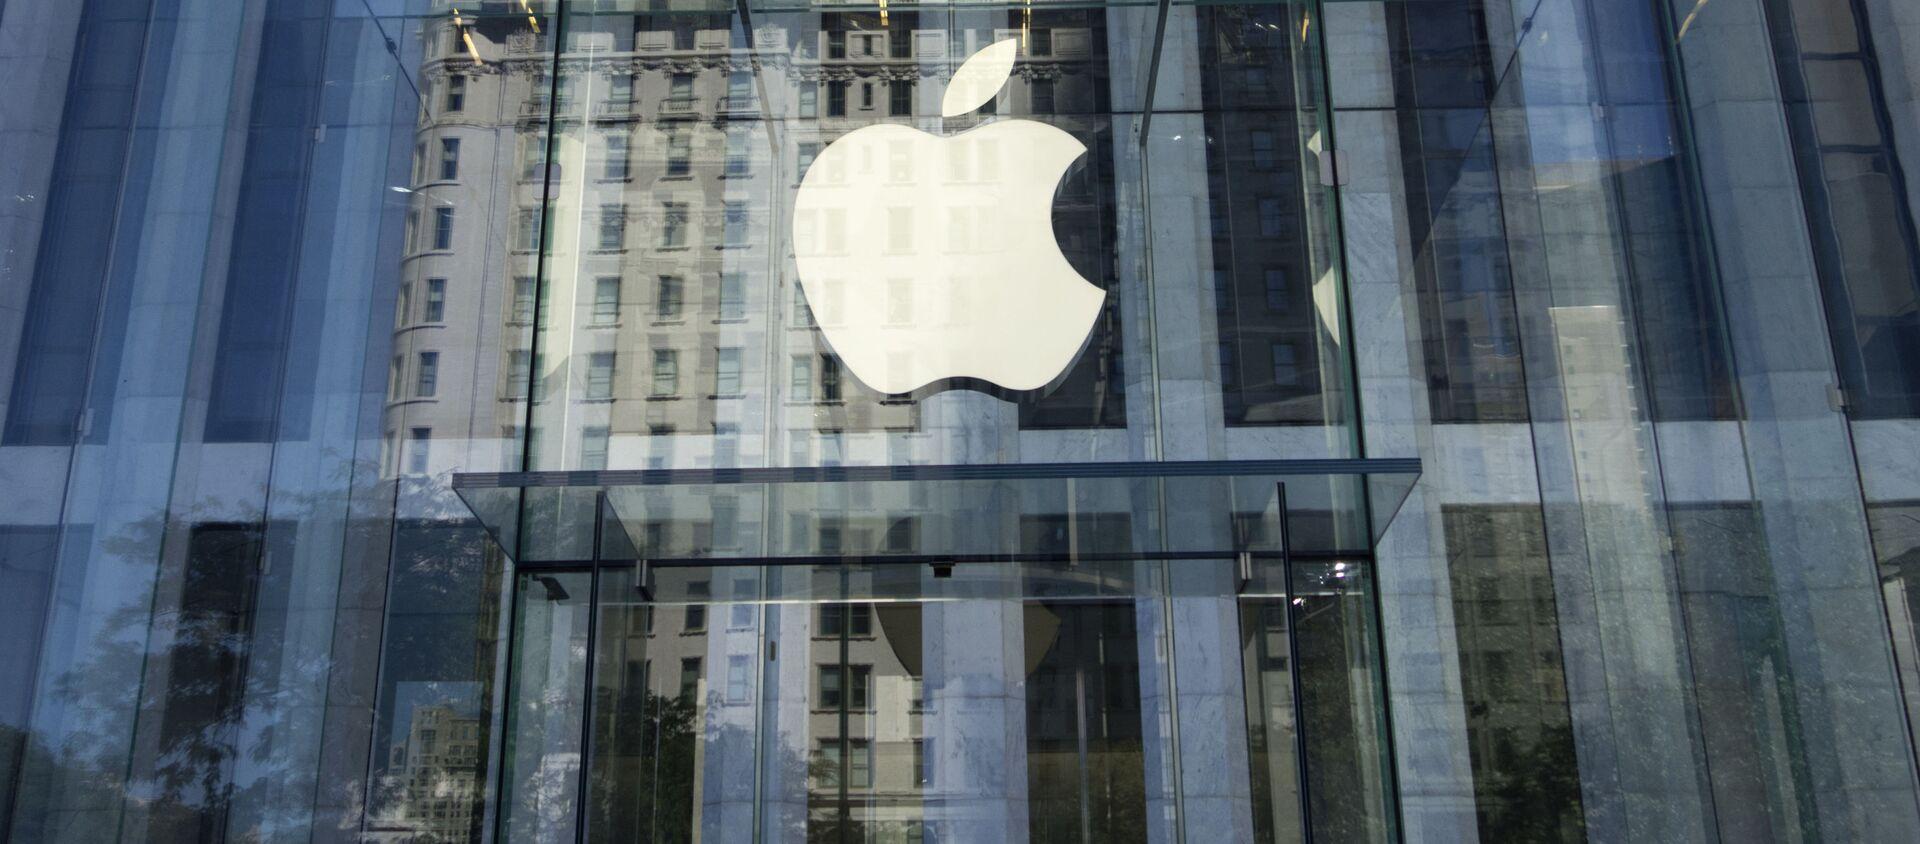 Sklep Apple w Nowym Jorku - Sputnik Polska, 1920, 22.12.2020